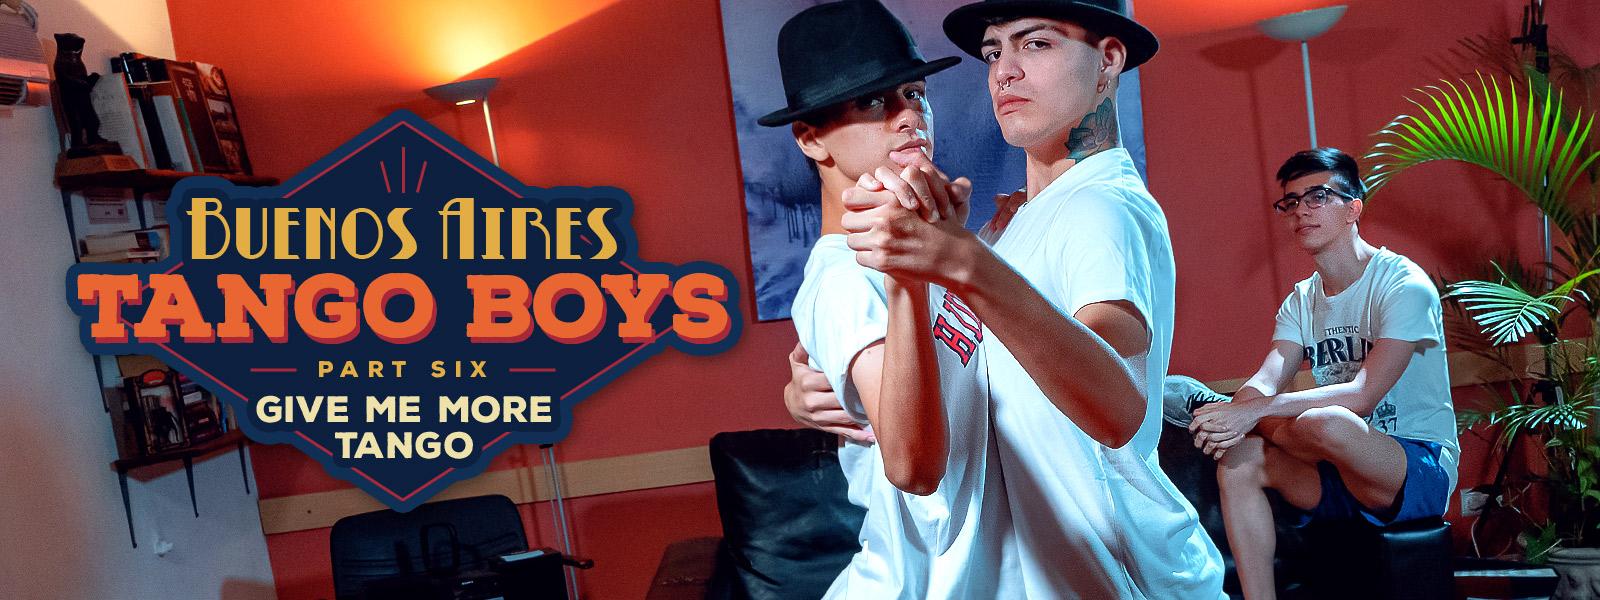 Buenos Aires Tango Boys | Part 6: Give Me More Tango